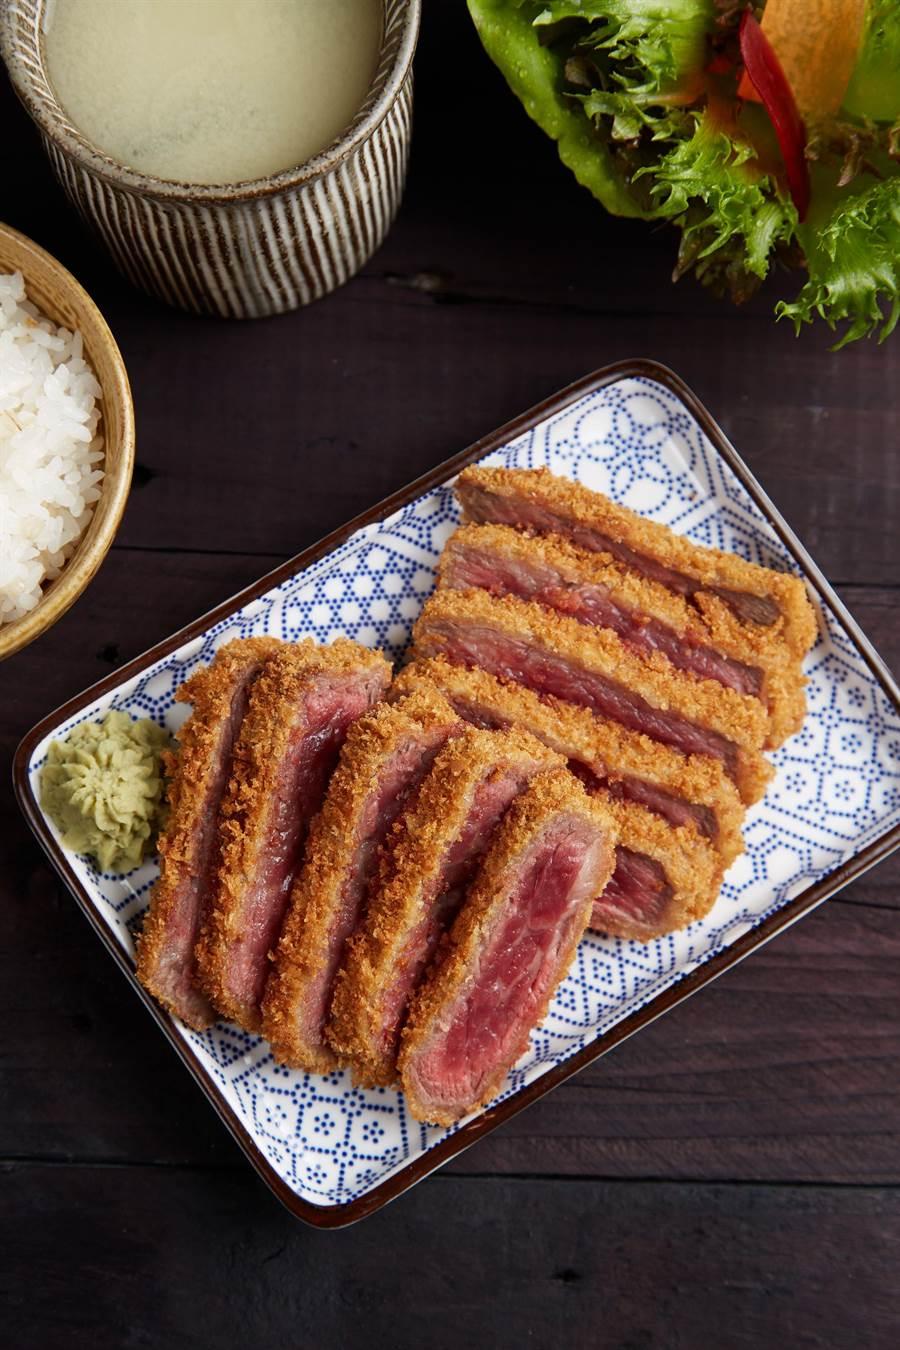 乍牛台北、台中店同步推出新菜色「1855 黑安格斯牛排定食」。(圖片來源:王品提供)